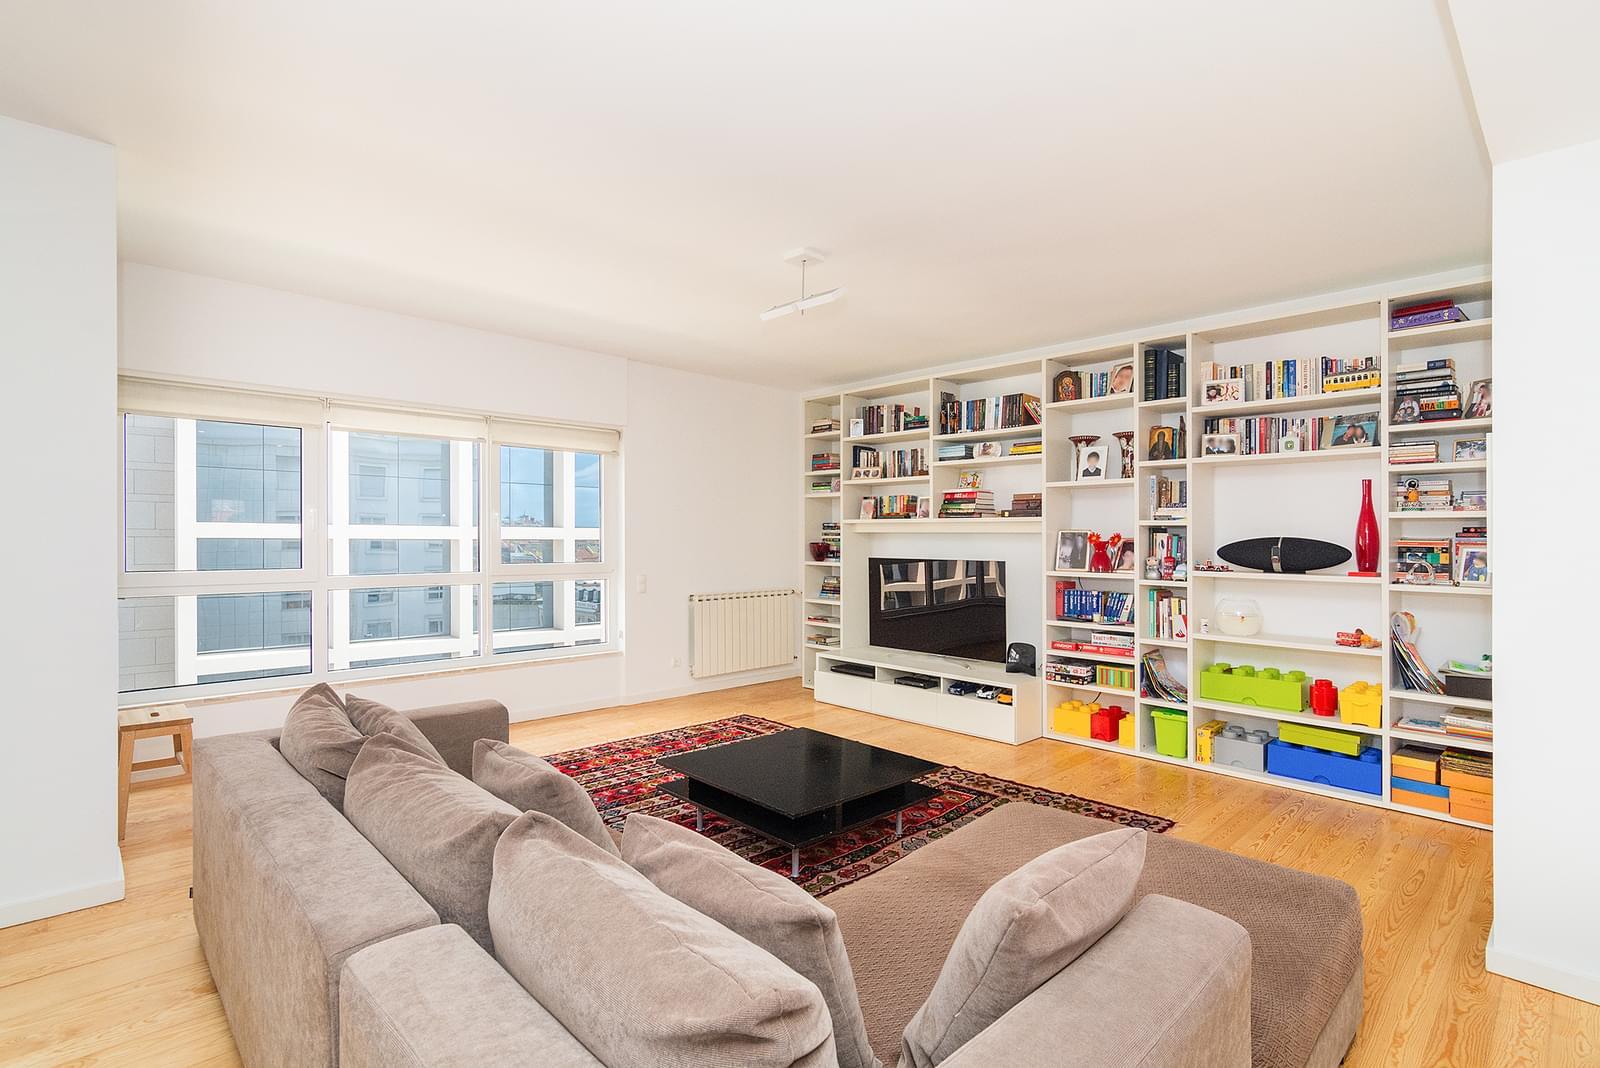 pf14147-apartamento-t3-lisboa-ed907740-7ebd-47c2-8bc8-4e8cbd9a68e7